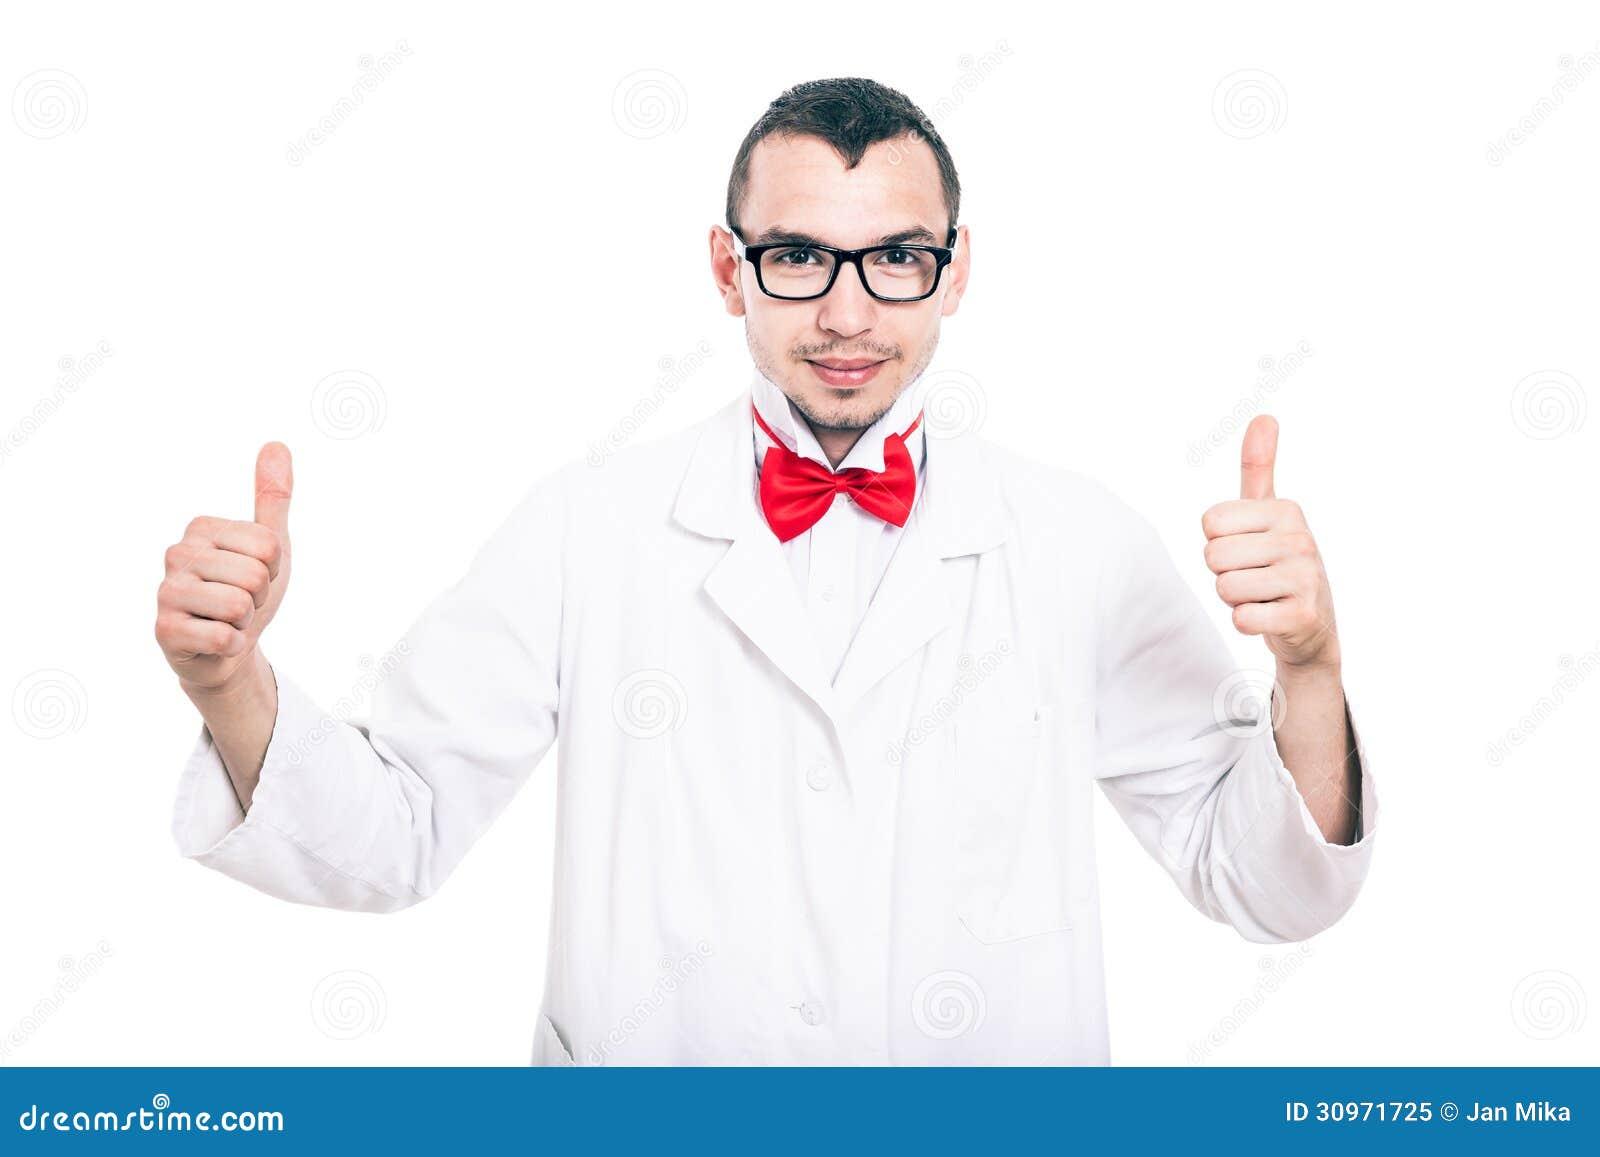 Ученый Идиот фото